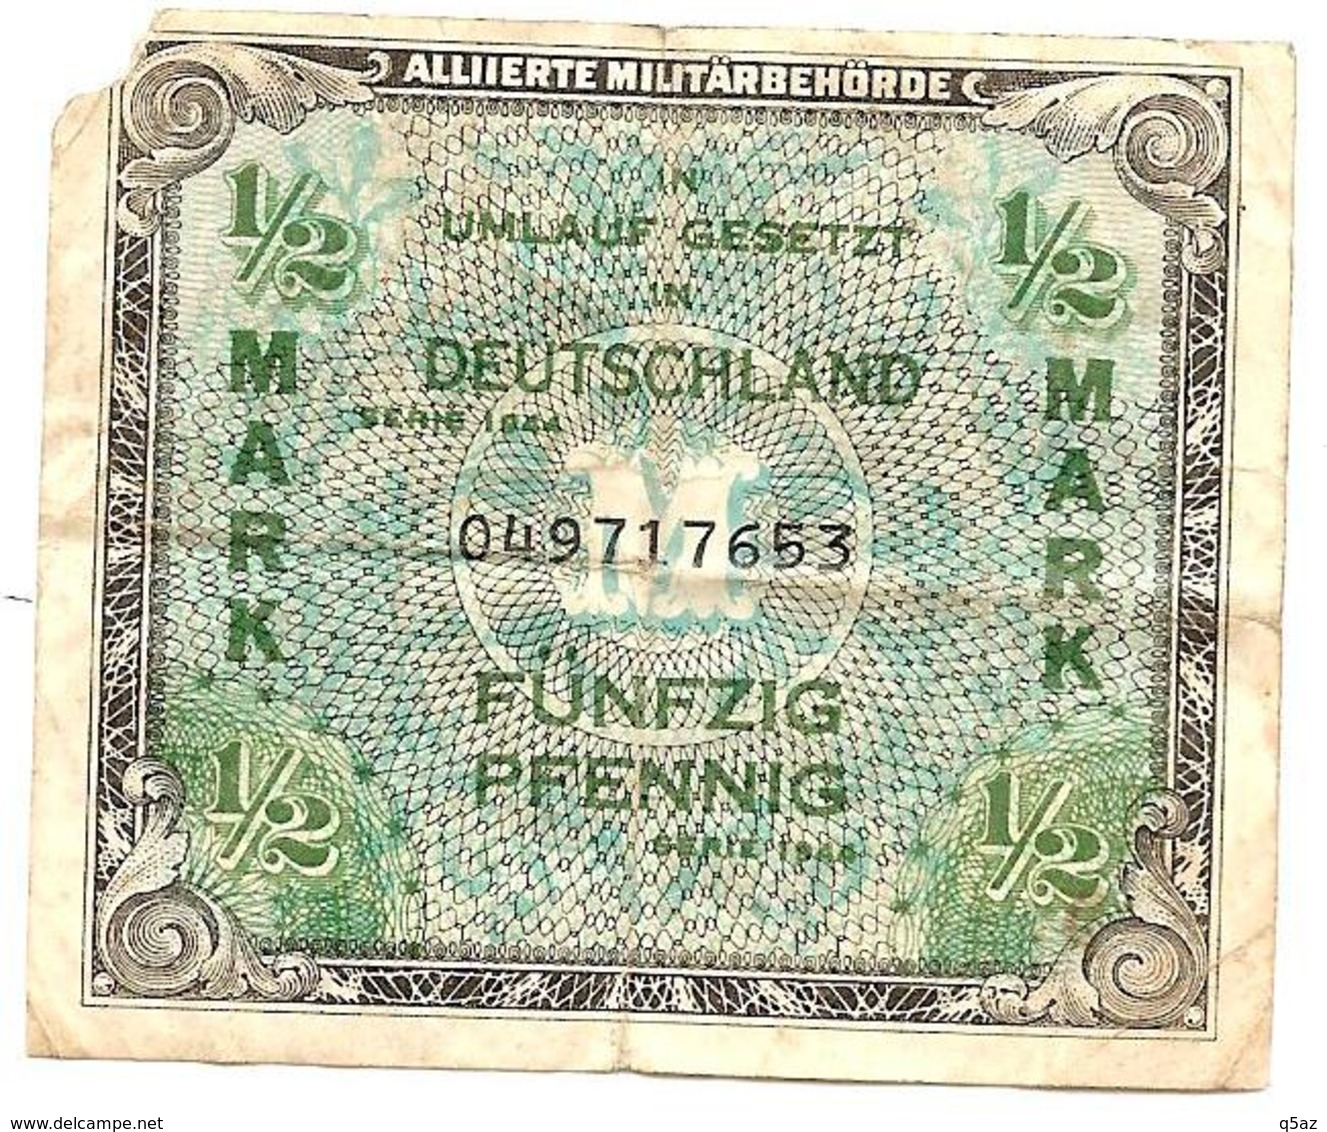 Jb6.a- 1/2 Mark Der Alliierten Militärbehörde 1944, , Umlauf Gesetzt Deutschland - Banknote Allemagne Germany - [ 4] 1933-1945 : Third Reich